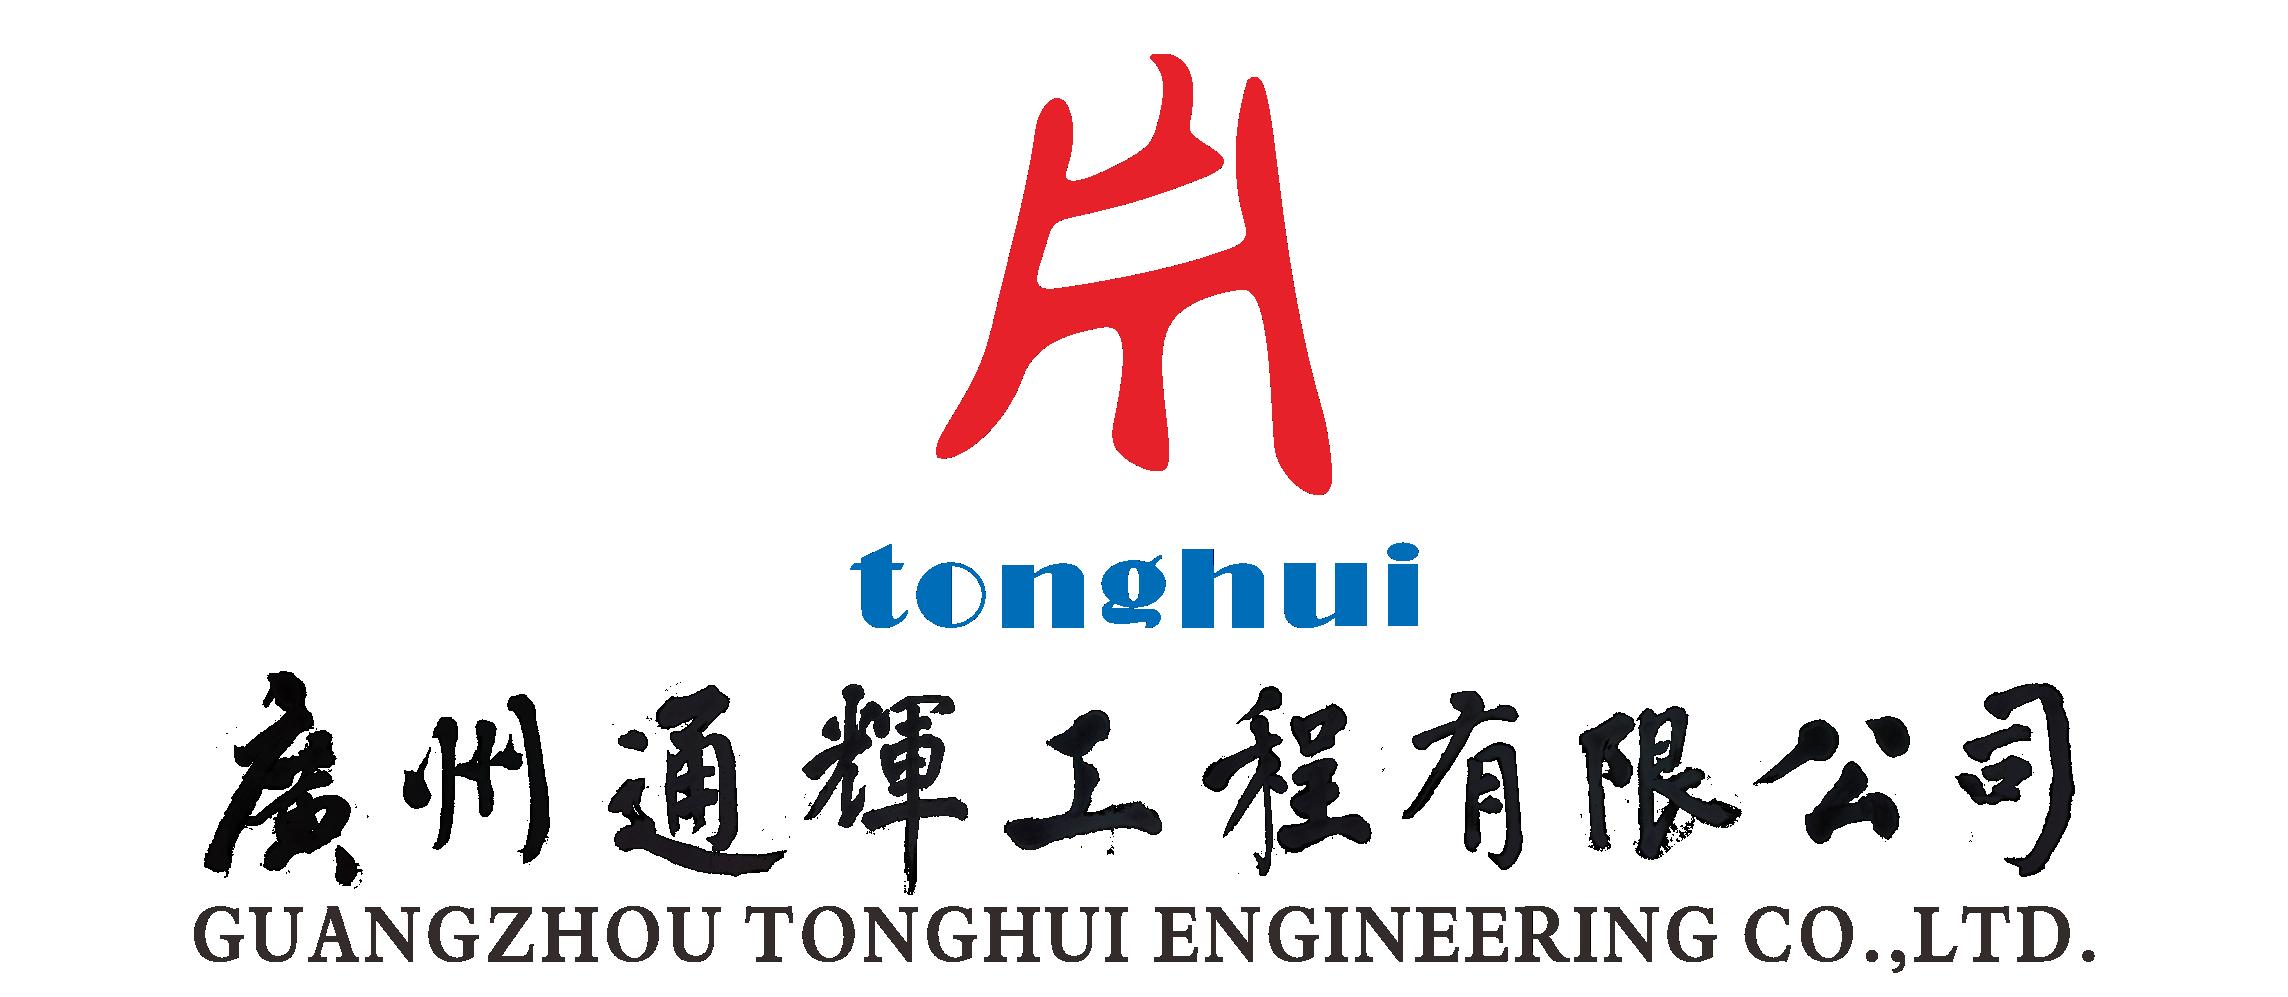 广州通辉工程有限公司